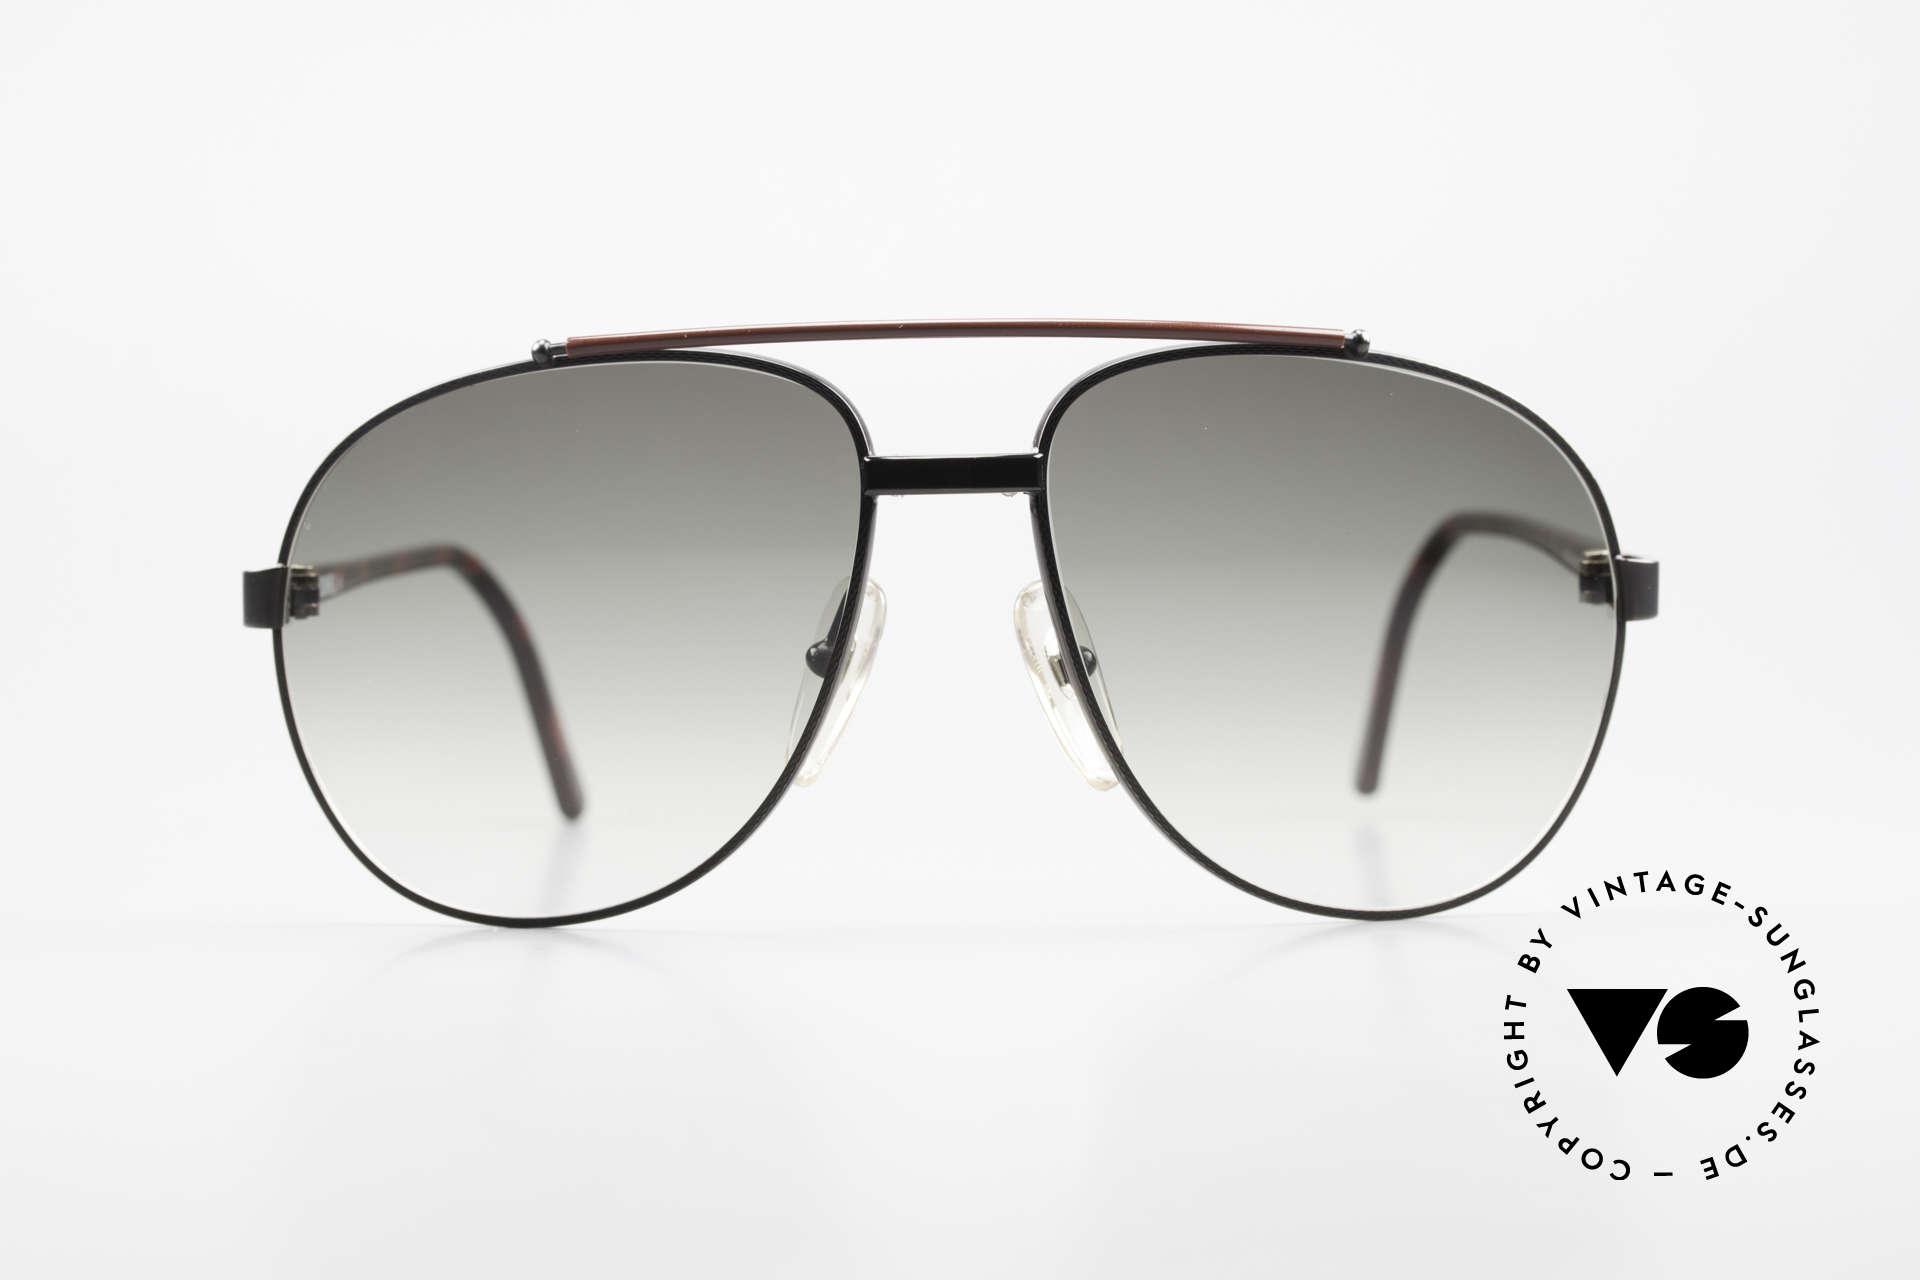 Dunhill 6070 Men's 90's Luxury Sunglasses, vintage A. Dunhill luxury sunglasses from 1990, Made for Men